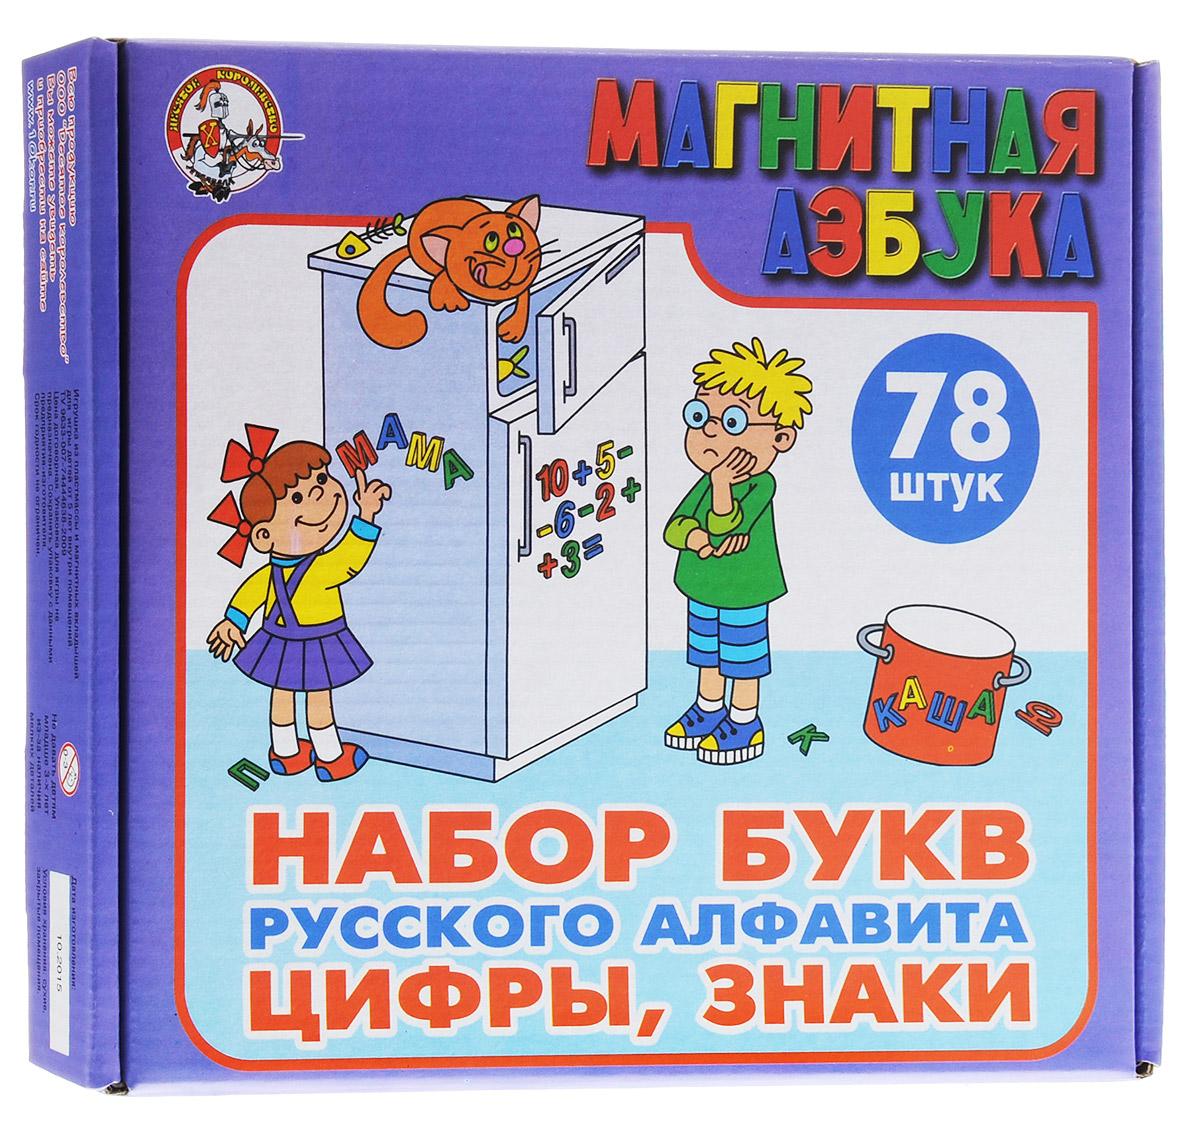 """С помощью набора магнитных знаков магнитной азбуки """"Десятое королевство"""" ребенок сможет без труда выучить алфавит, цифры и элементарные математические действия, такие как сложение и вычитание. Набор включает в себя буквы русского алфавита, цифры и знаки, изготовленные из пластика и крепящиеся при помощи магнитов на любую гладкую металлическую поверхность. С таким набором обучение малыша будет проходить в веселой, непринужденной обстановке и никогда ему не наскучит."""